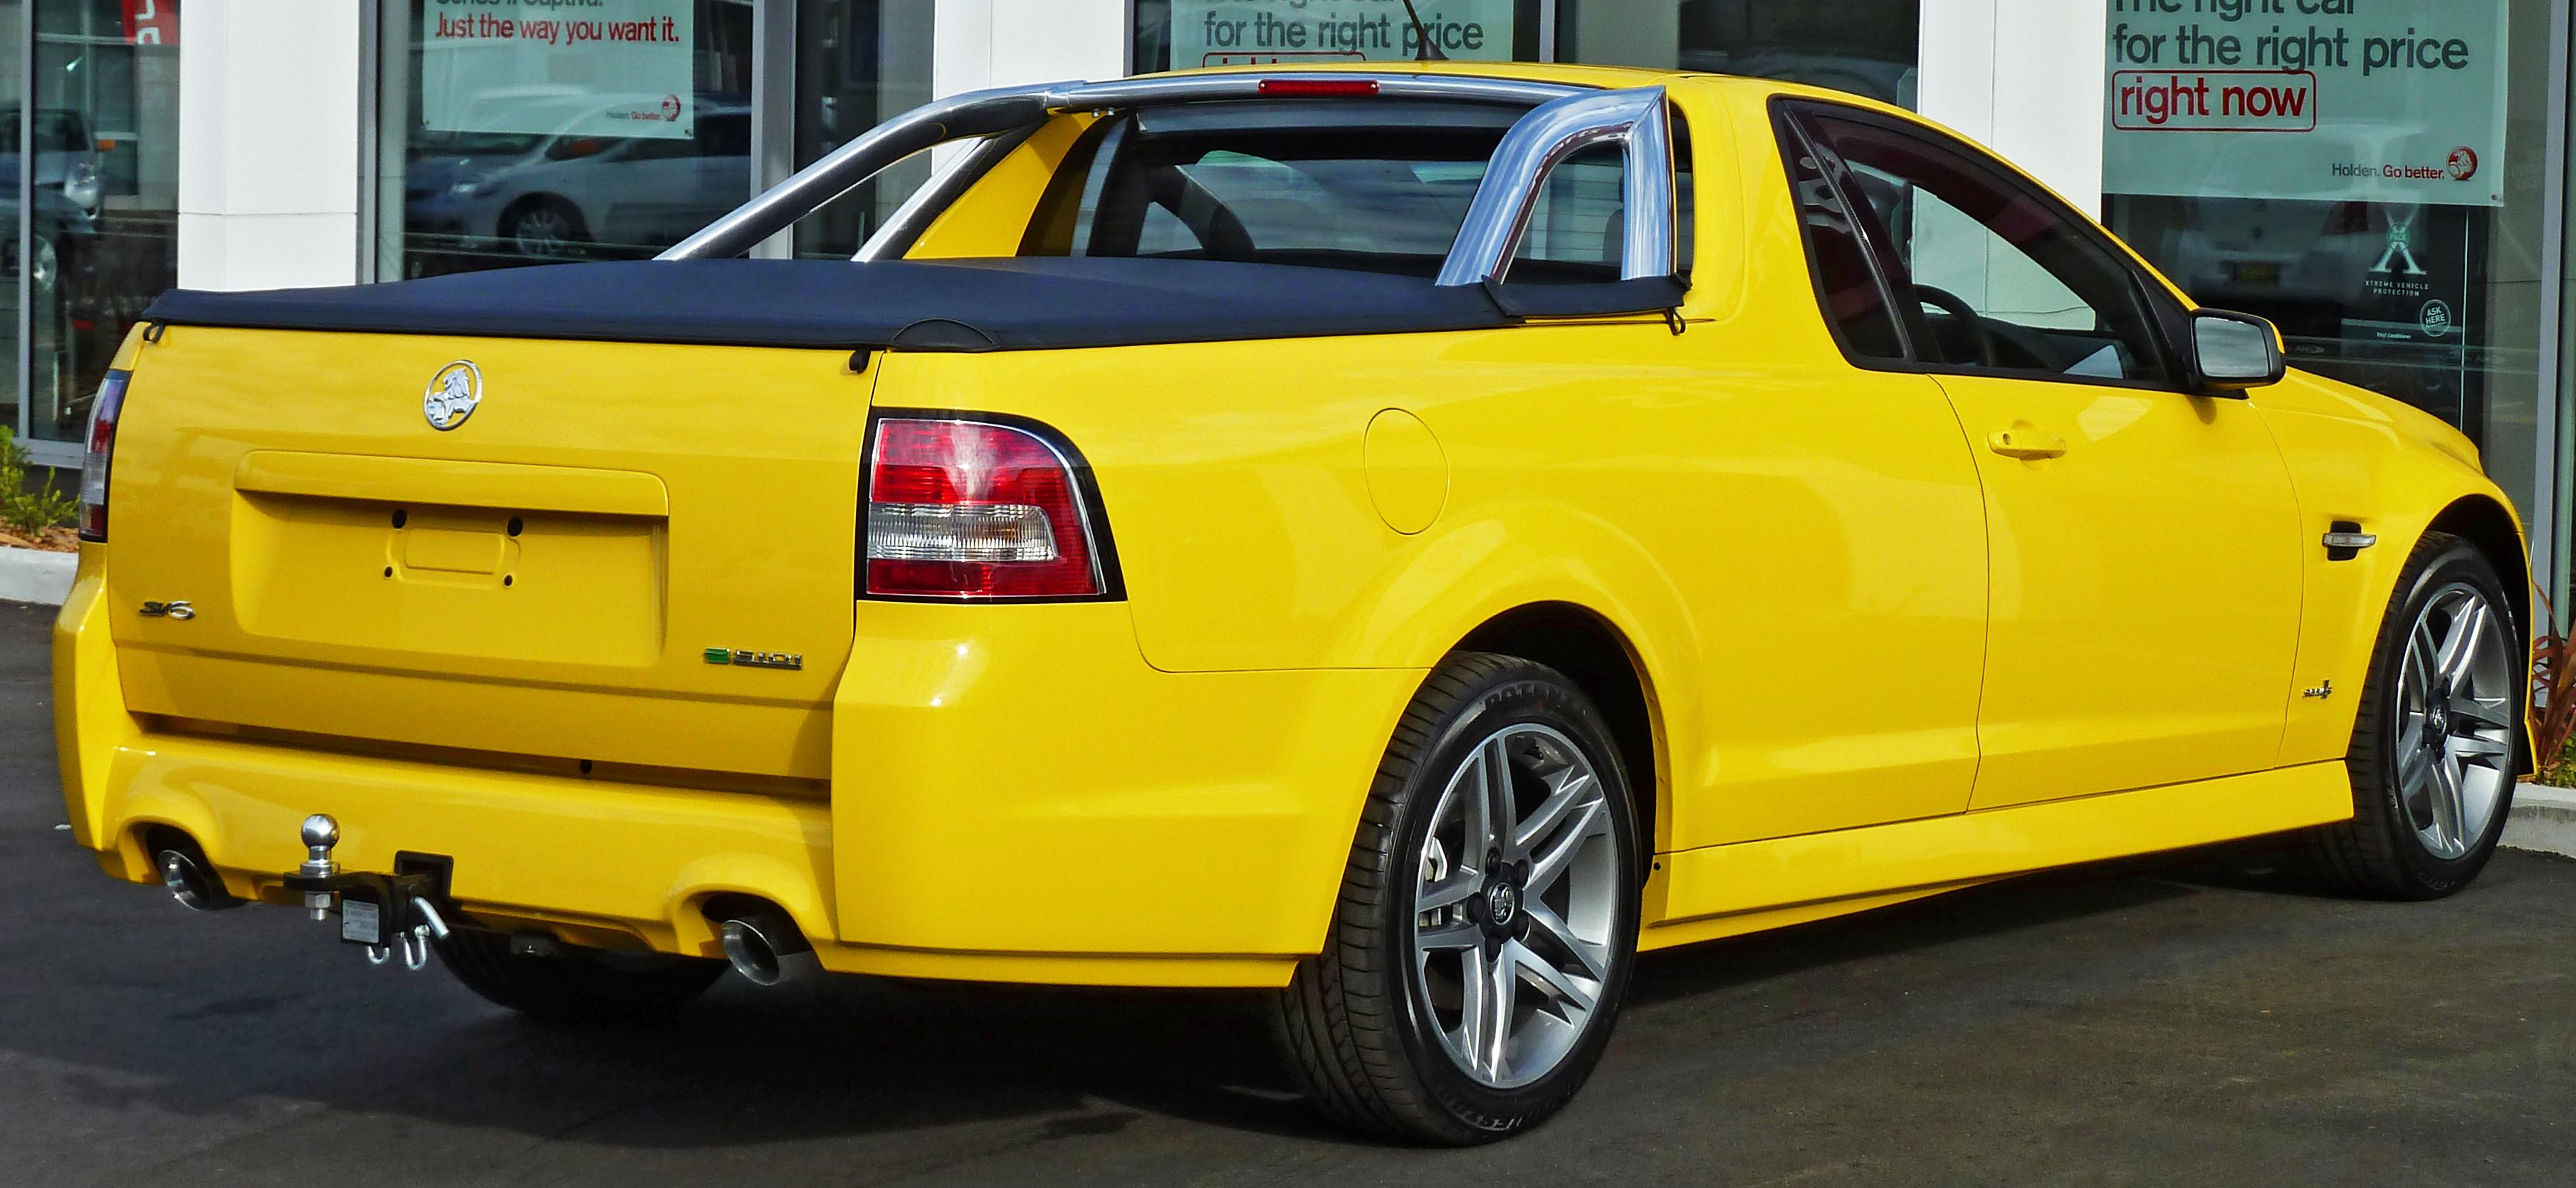 Ssv Car Price